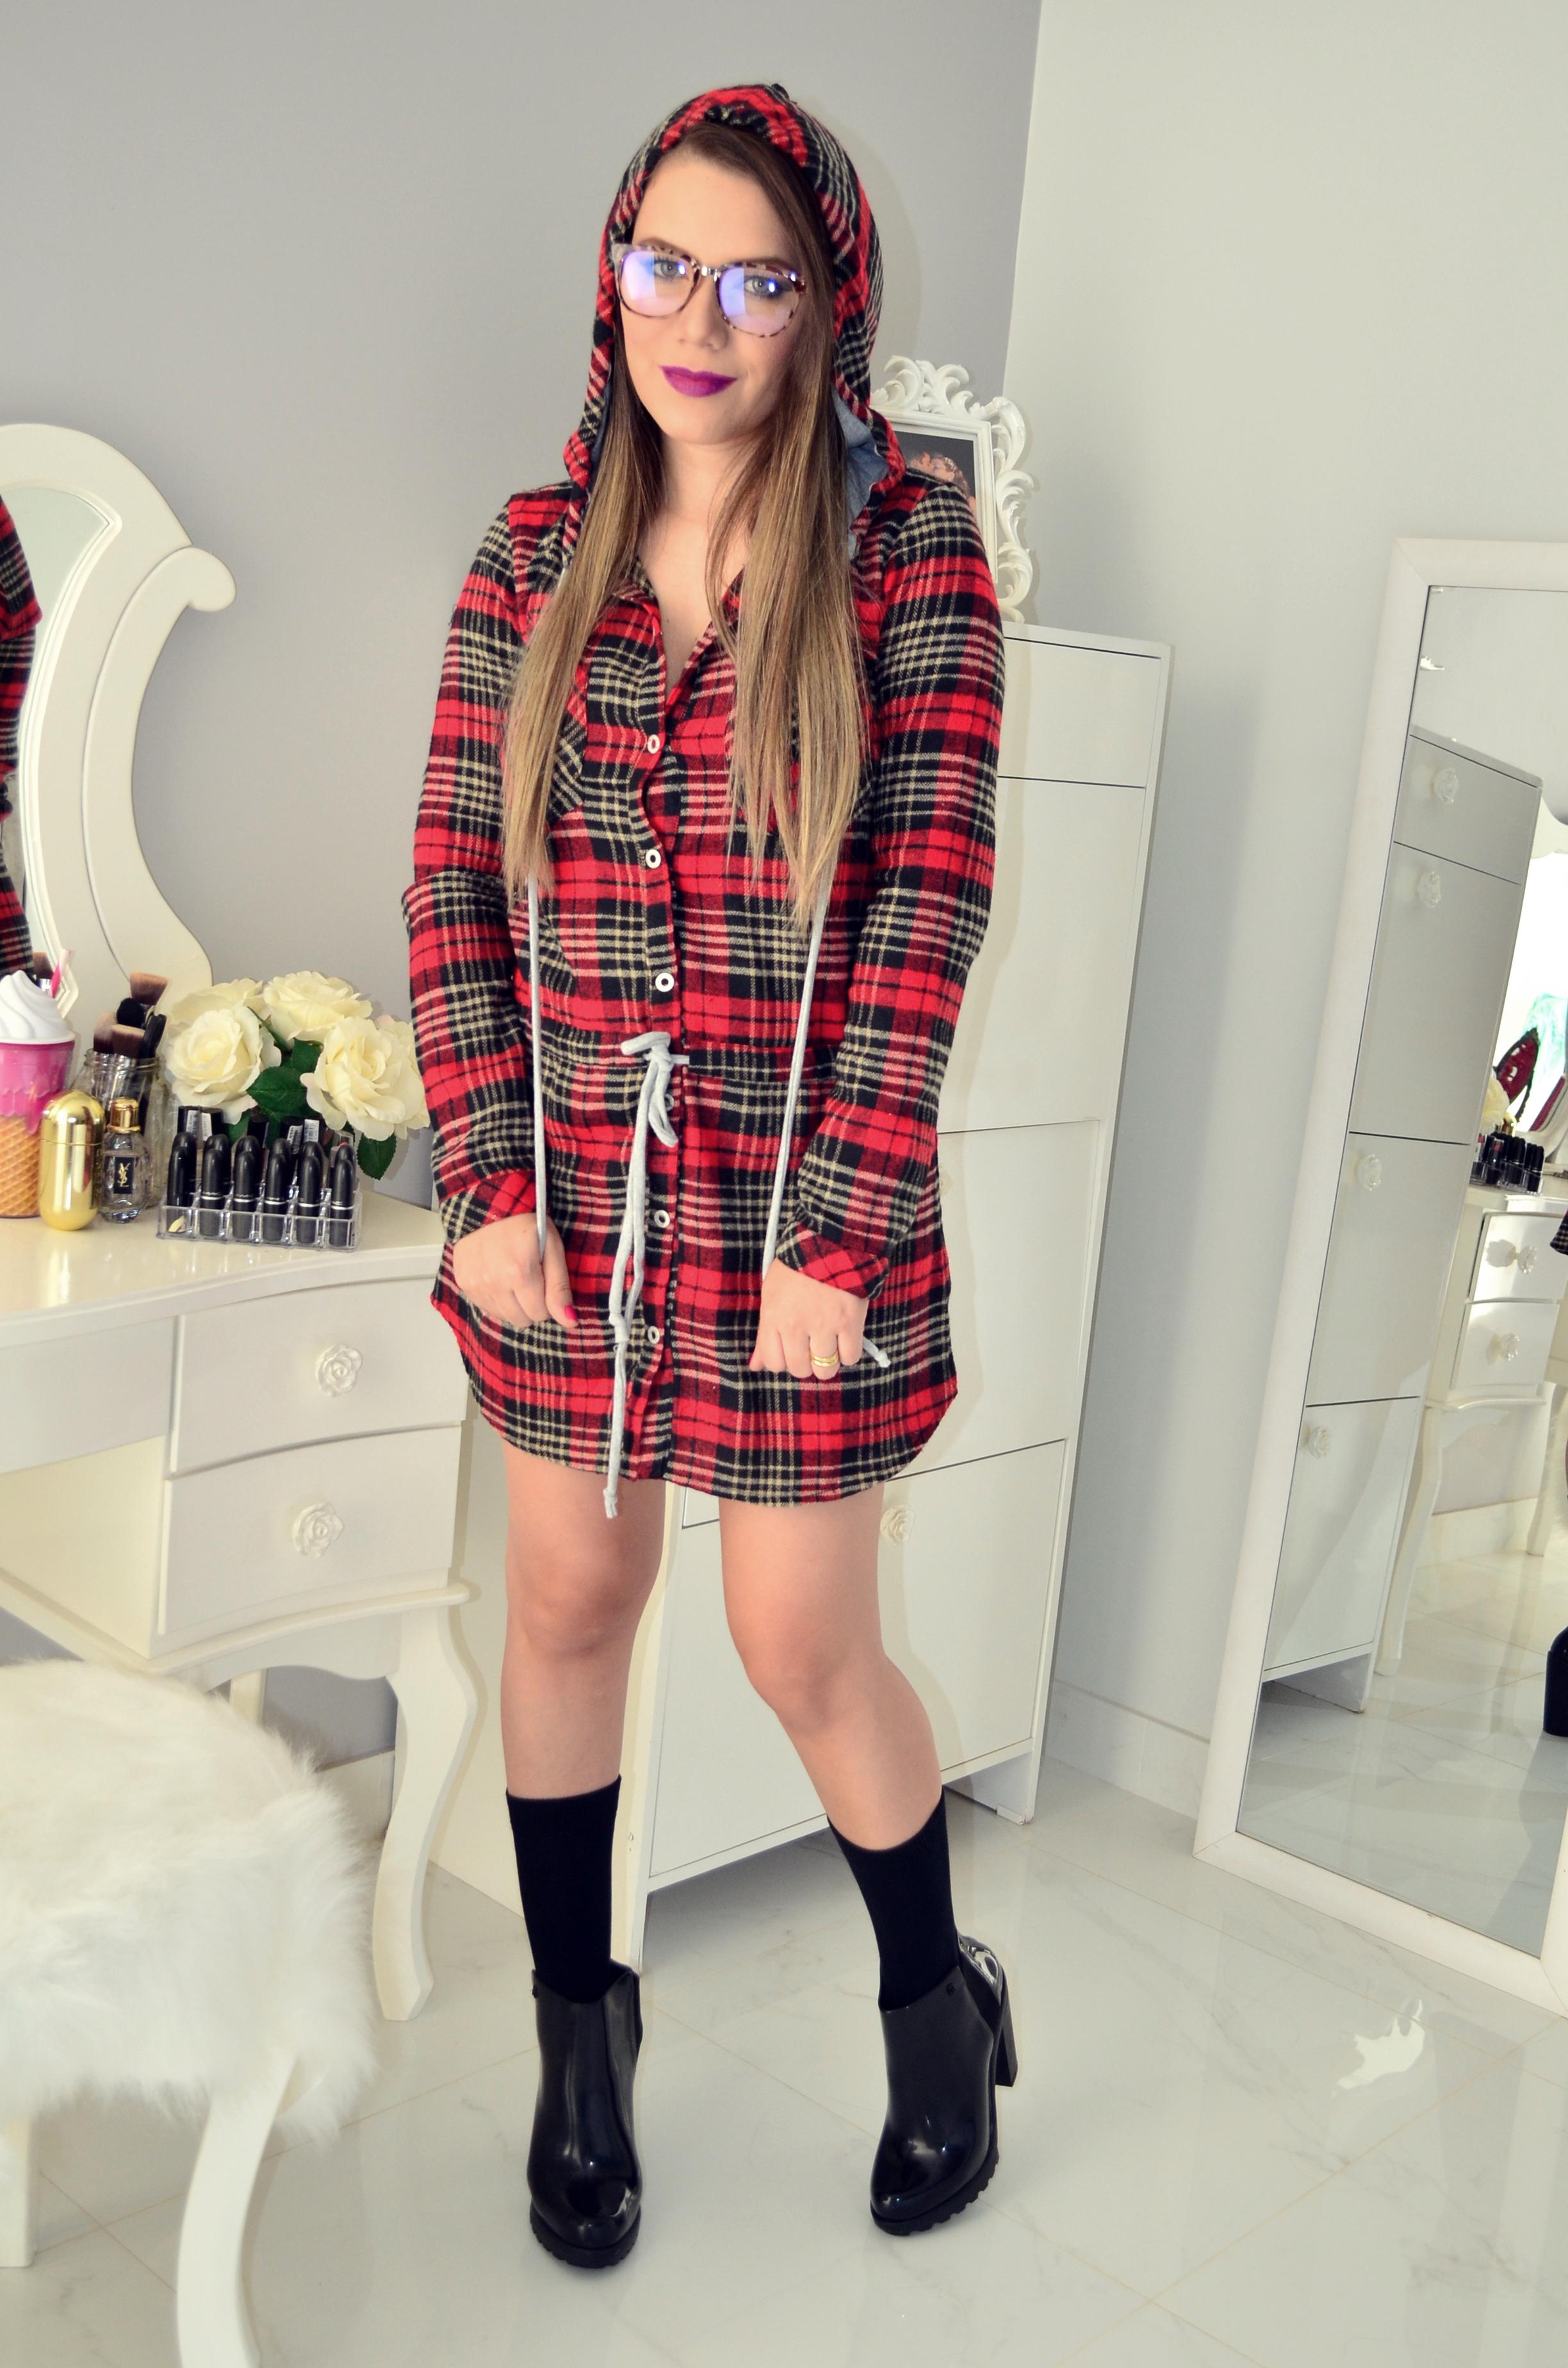 vestido xadrez e bota melissa 5